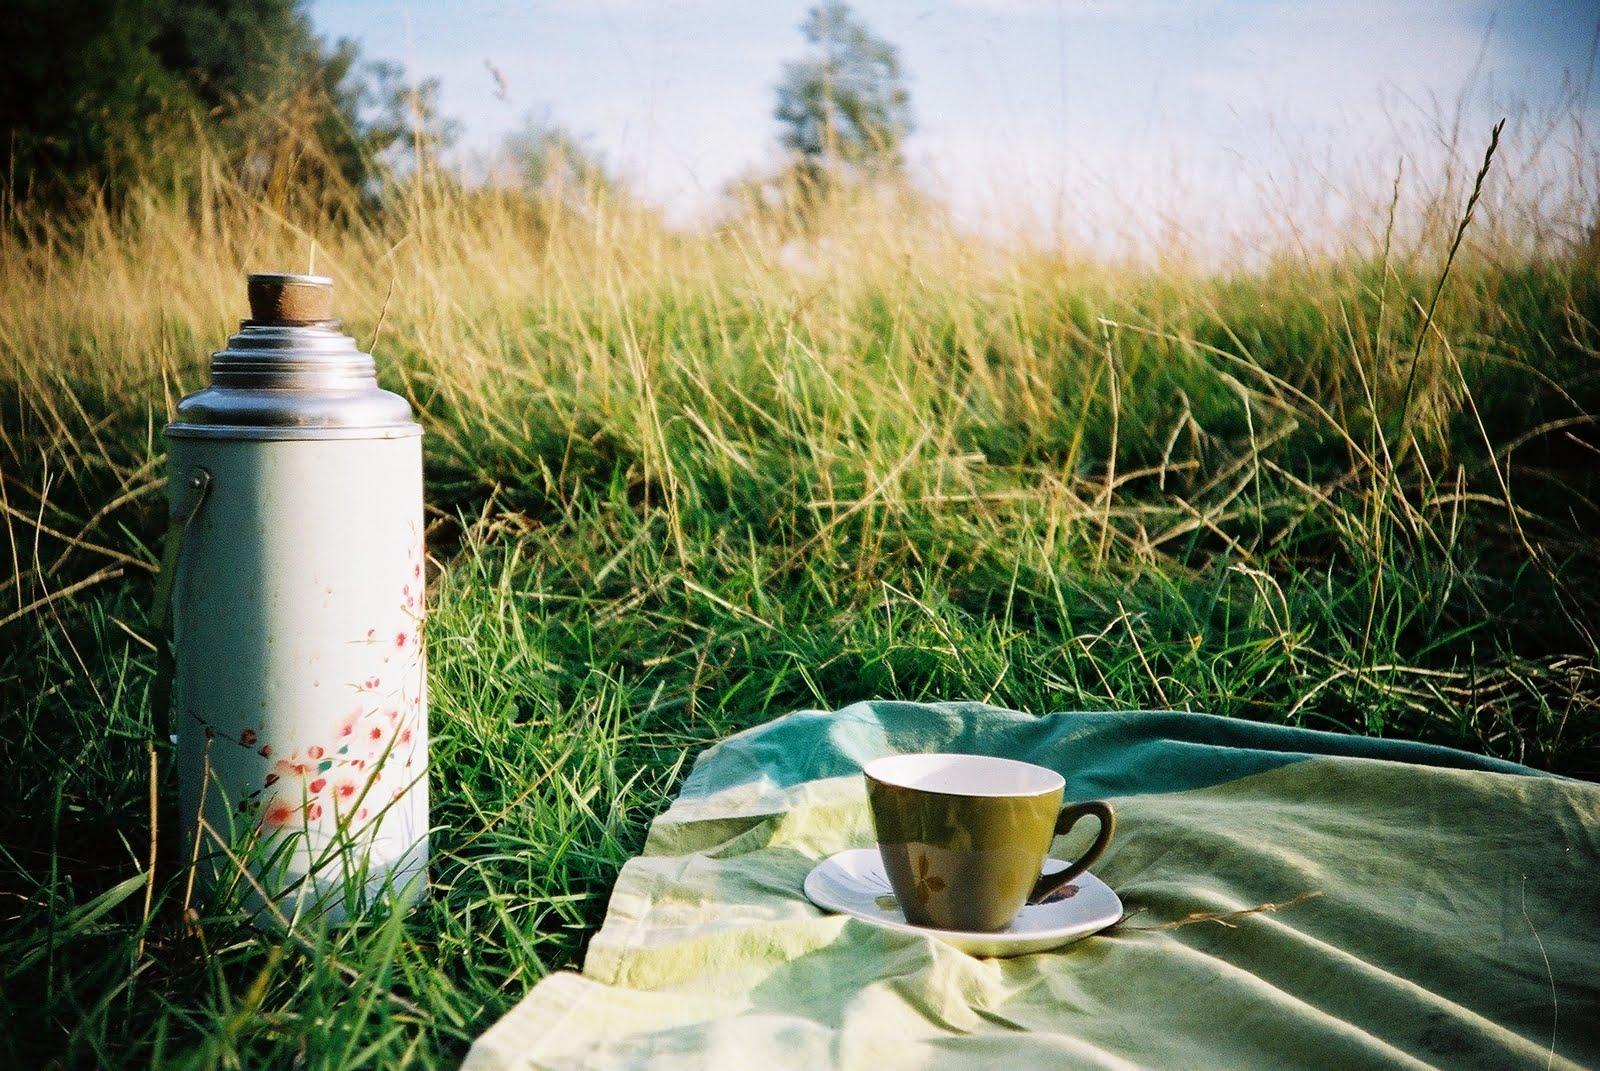 picture picnic workshop emma bradshaw photography picture picnic workshop